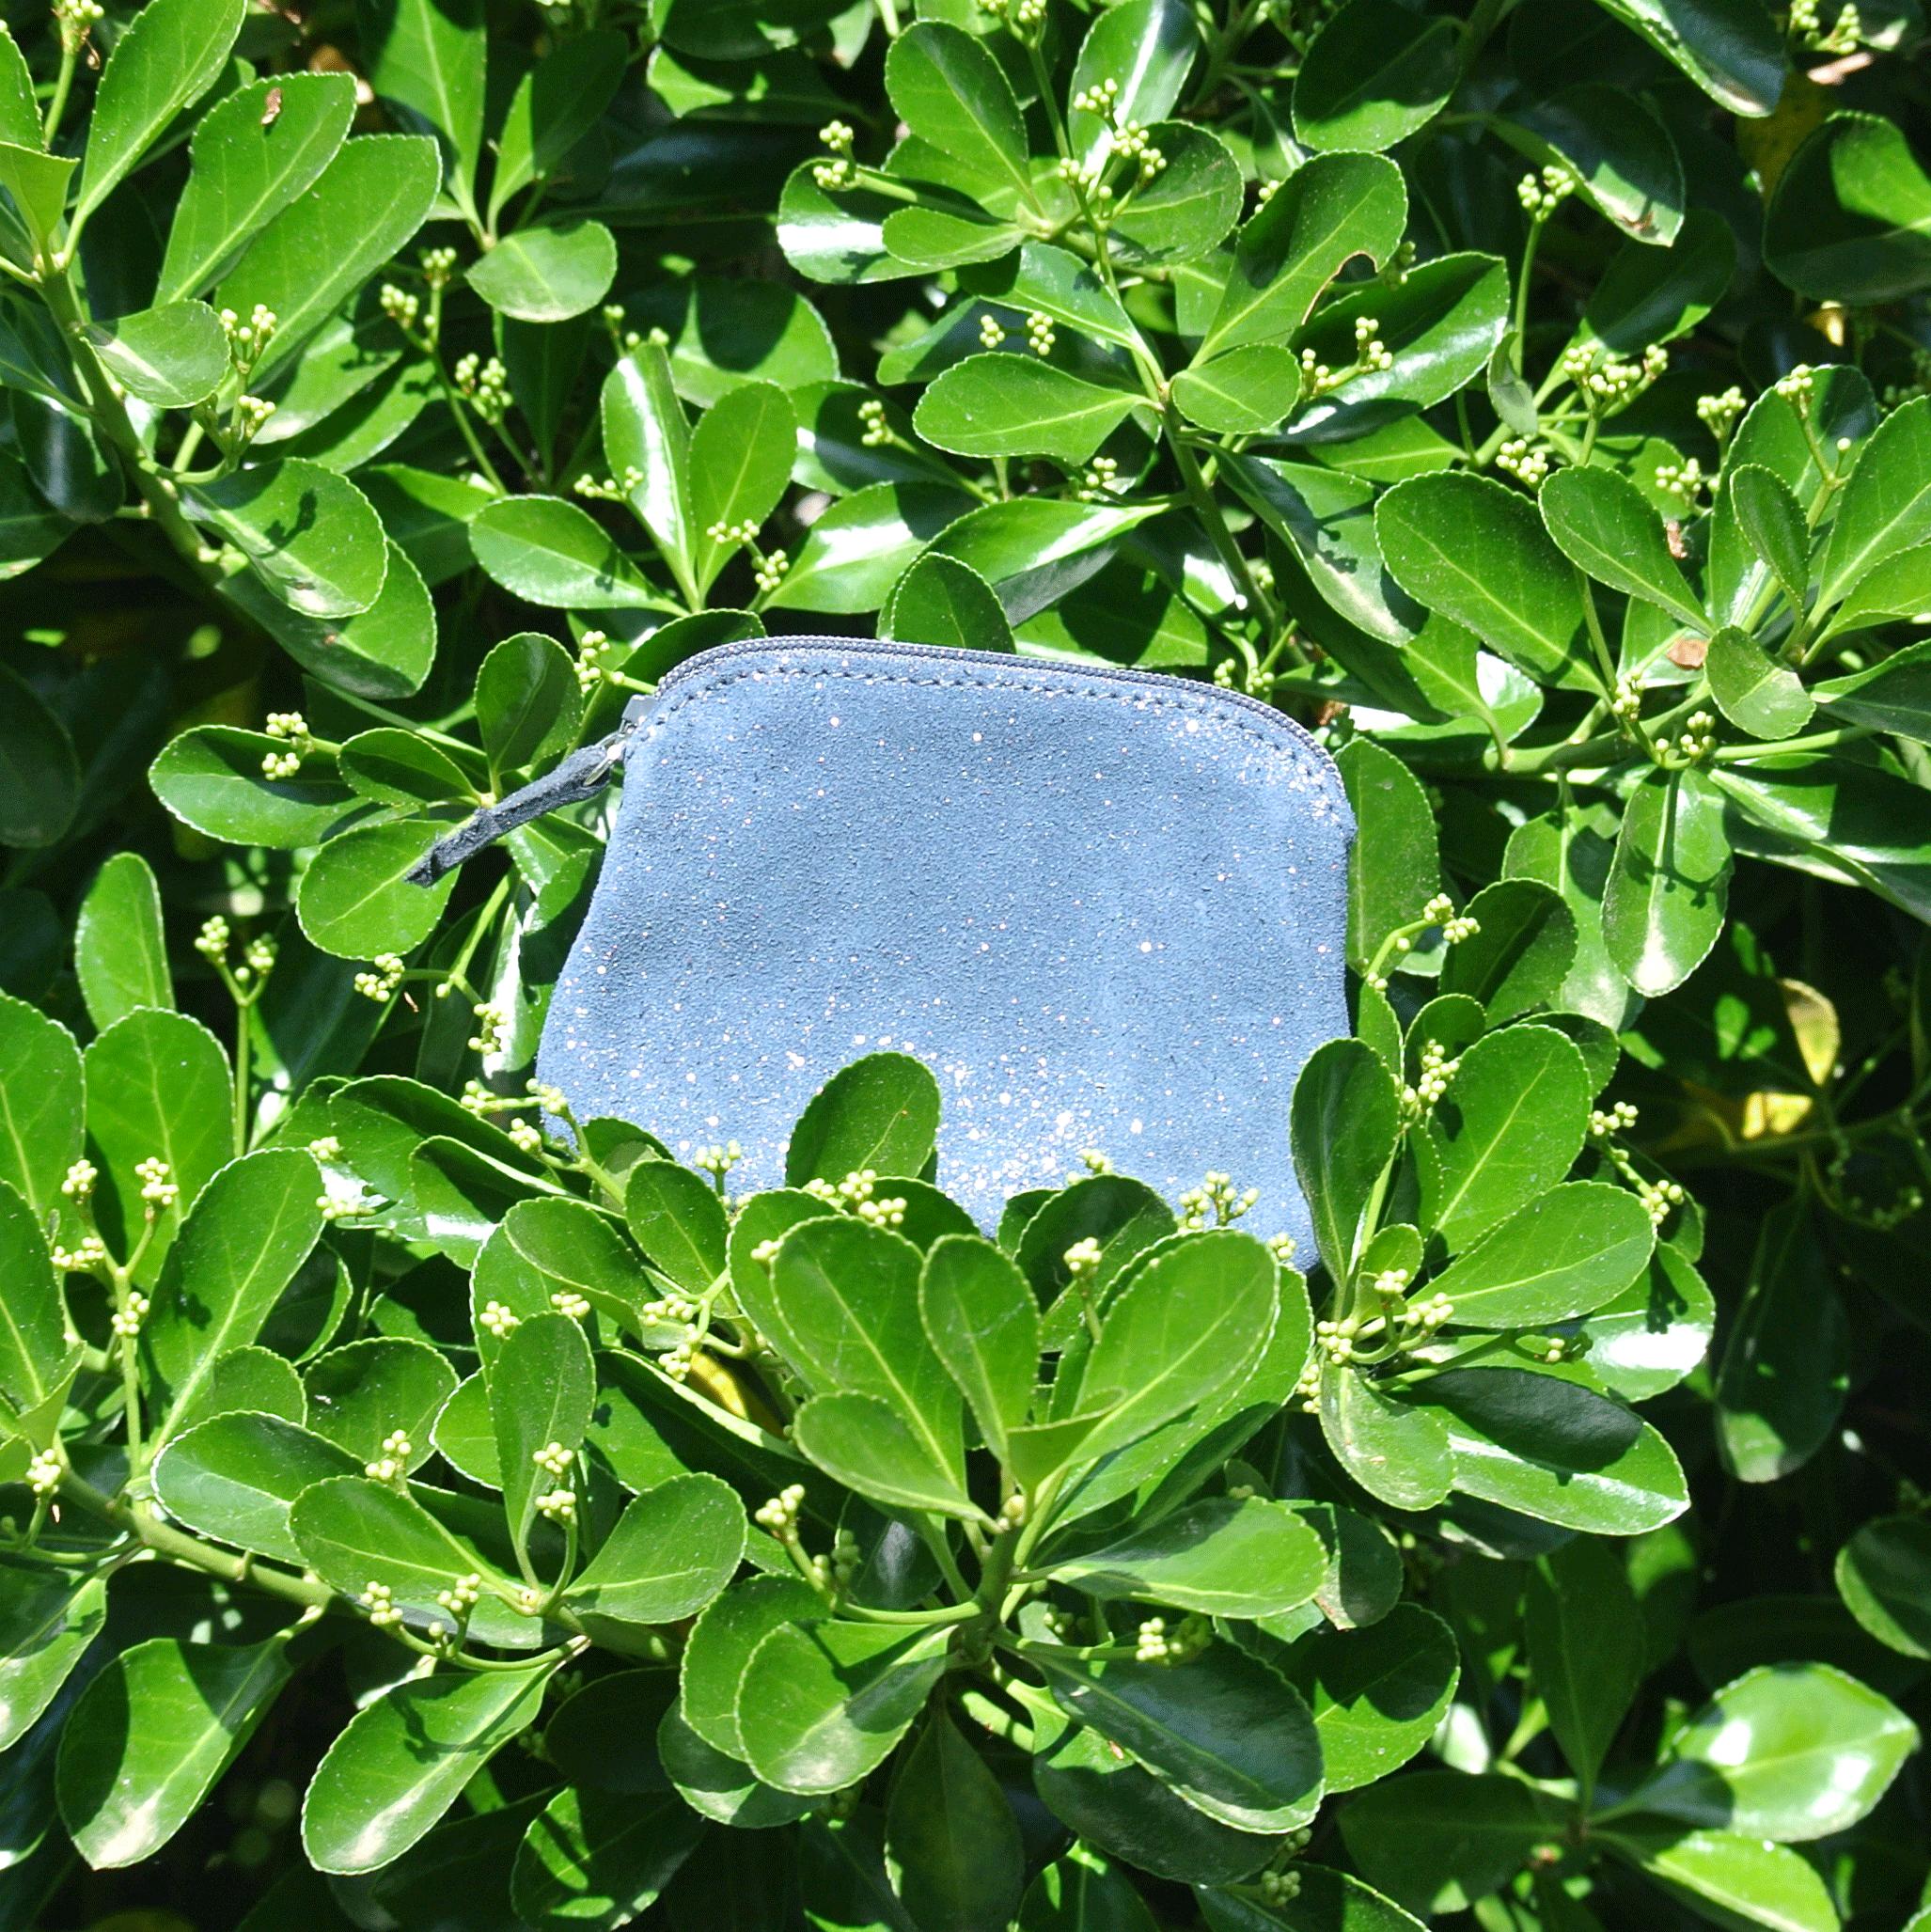 cuirs-fantaisies-la-cartabliere-fabrique-en-france-porte-monnaie-kiwi-en-cuir-paillete-indigo